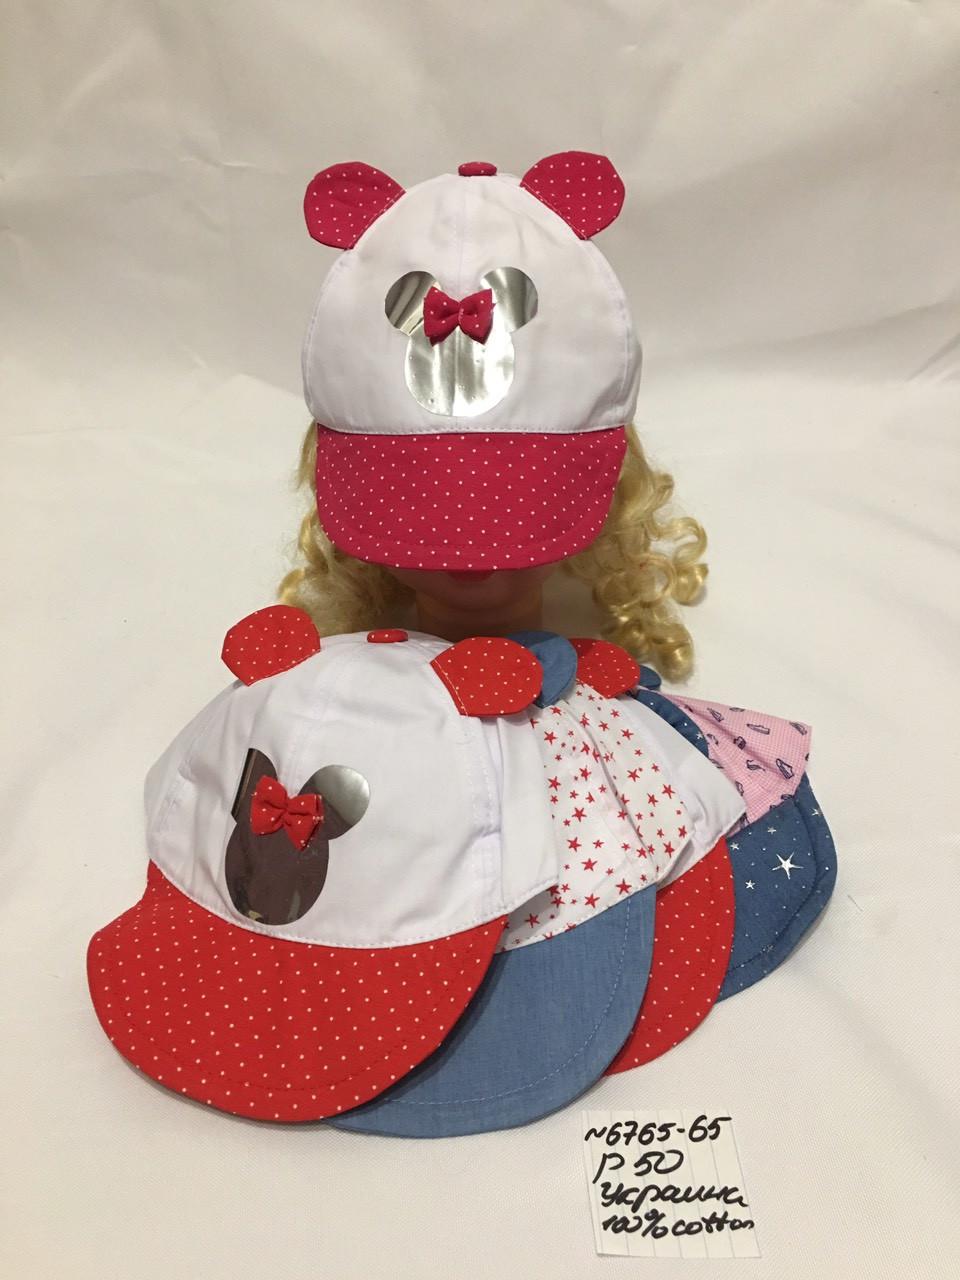 Літня дитяча кепка з вушками для дівчинки р. 50 100% cotton